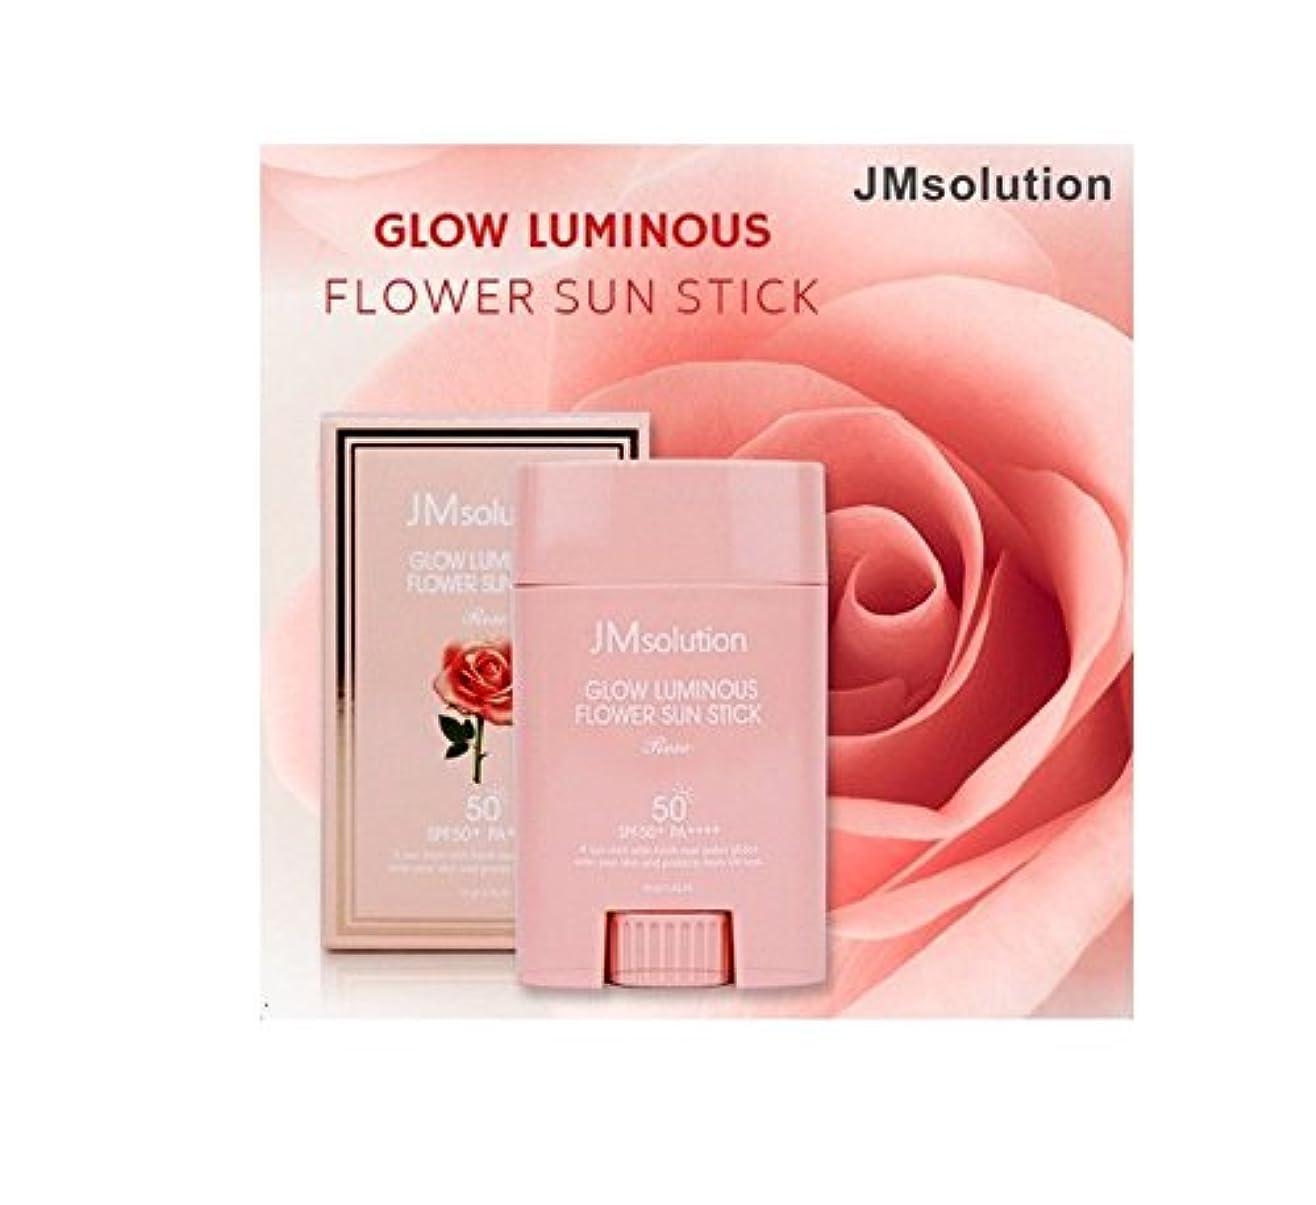 ポータブルペット死ぬJM Solution Glow Luminous Flower Sun Stick Rose 21g (spf50 PA) 光る輝く花Sun Stick Rose